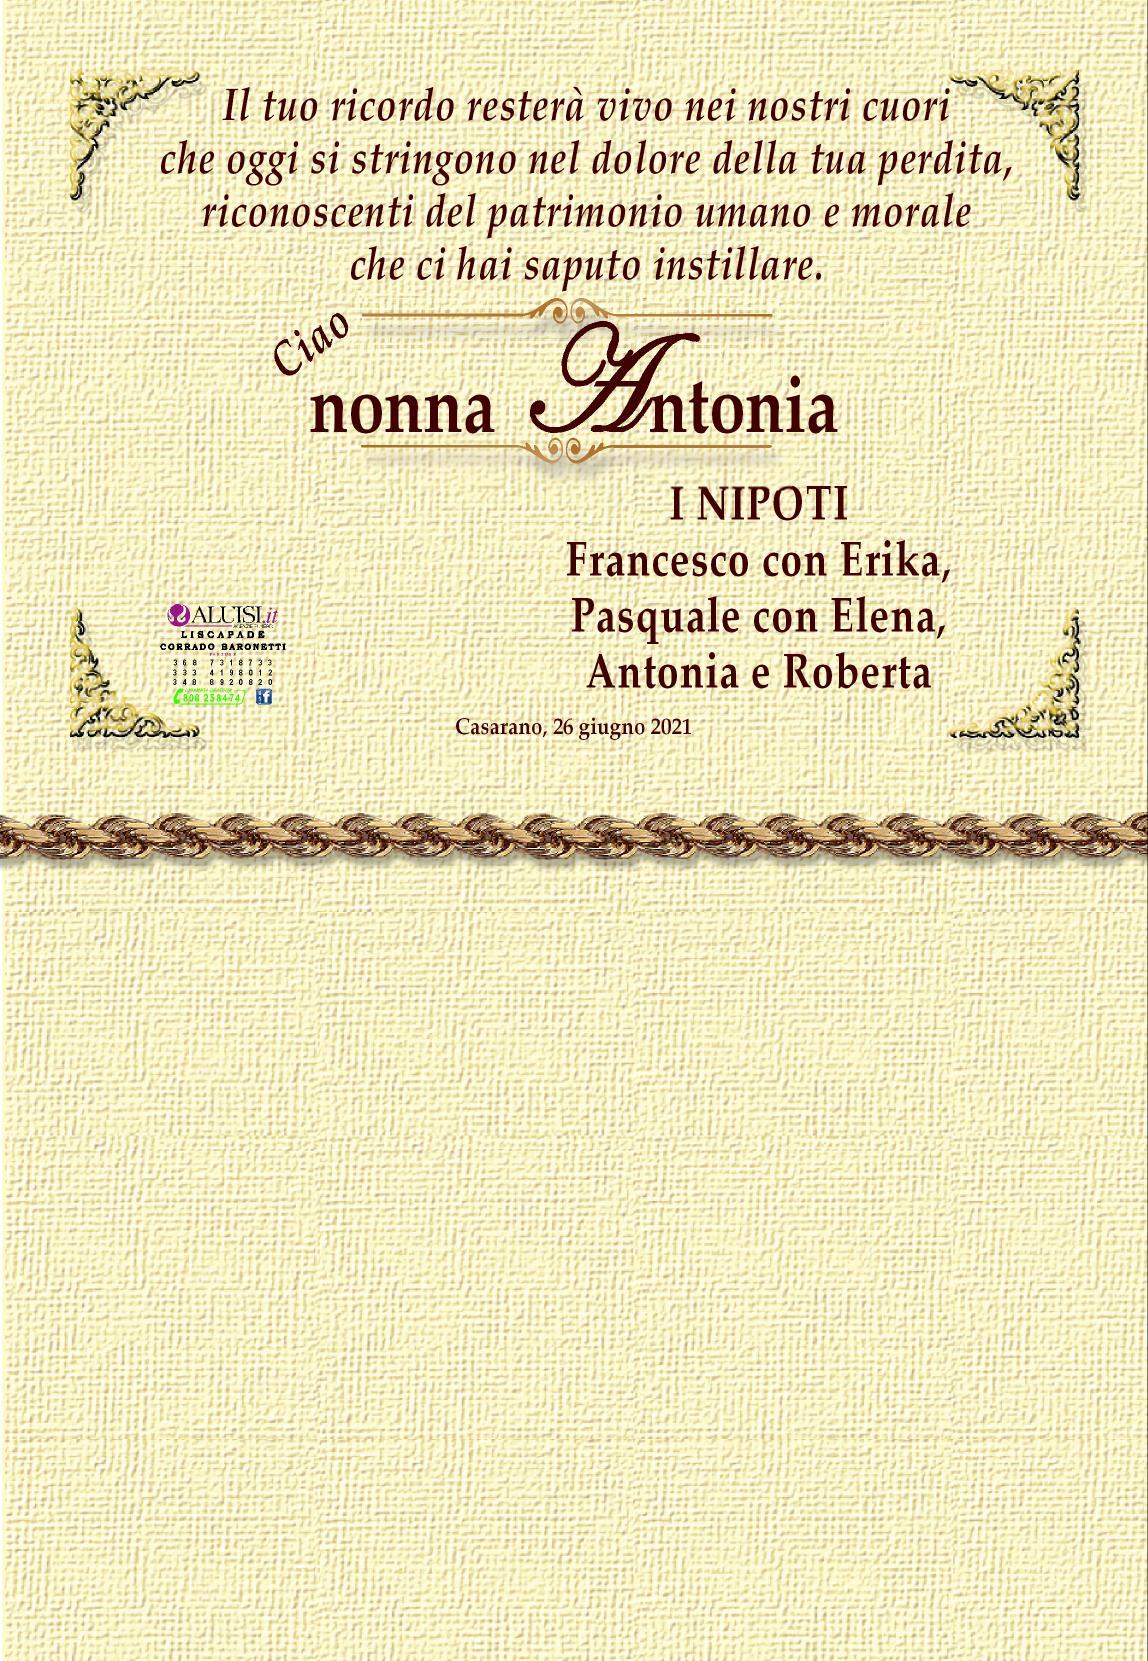 PARTECIPAZIONI-ANTONIA-FOSCOLINI-CASARANO-1-1.jpg